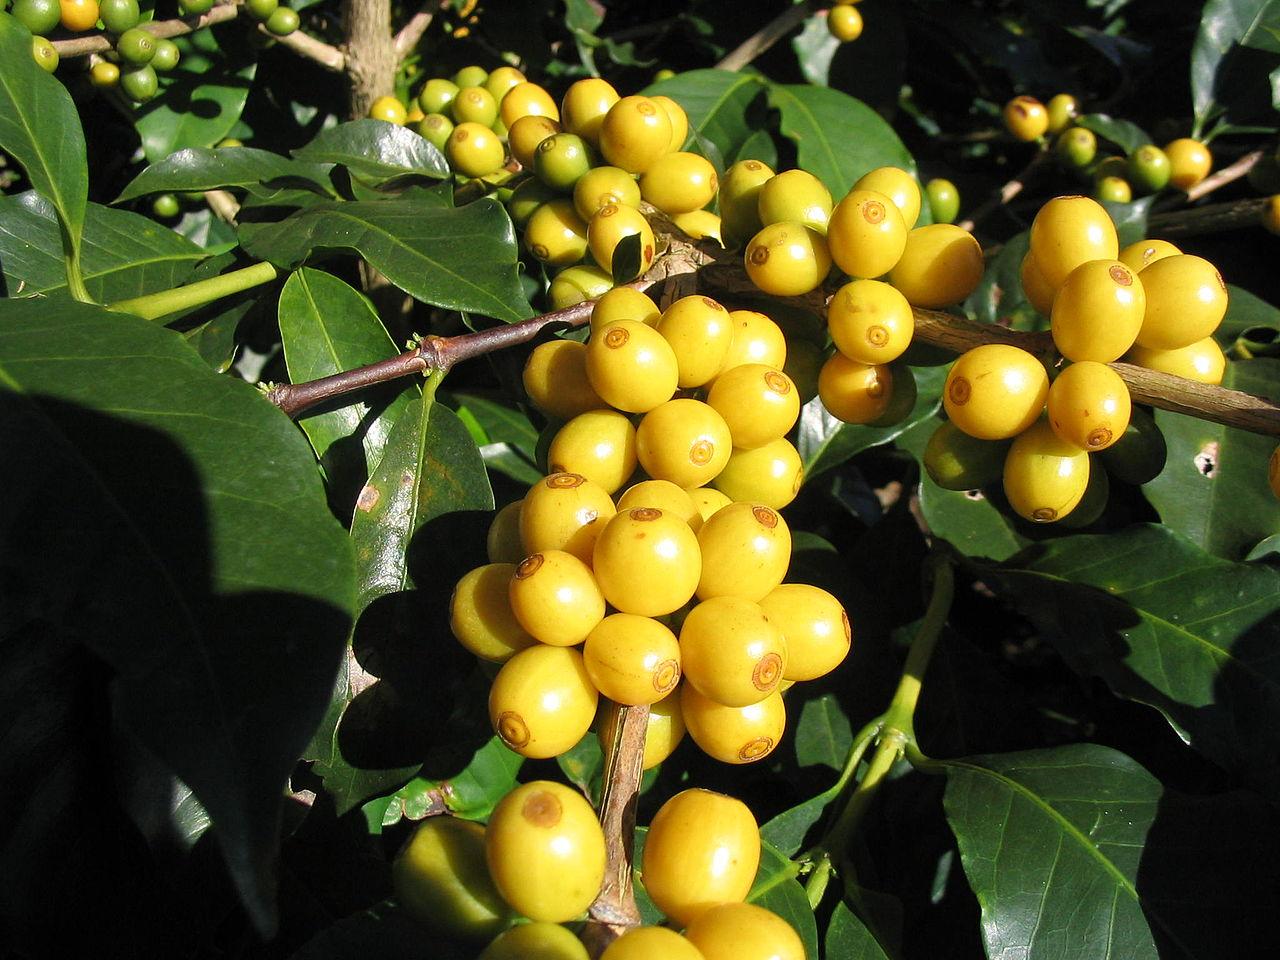 Cà phê Bourbon được là loại hạt cà phê thơm ngon nổi tiếng thế giới